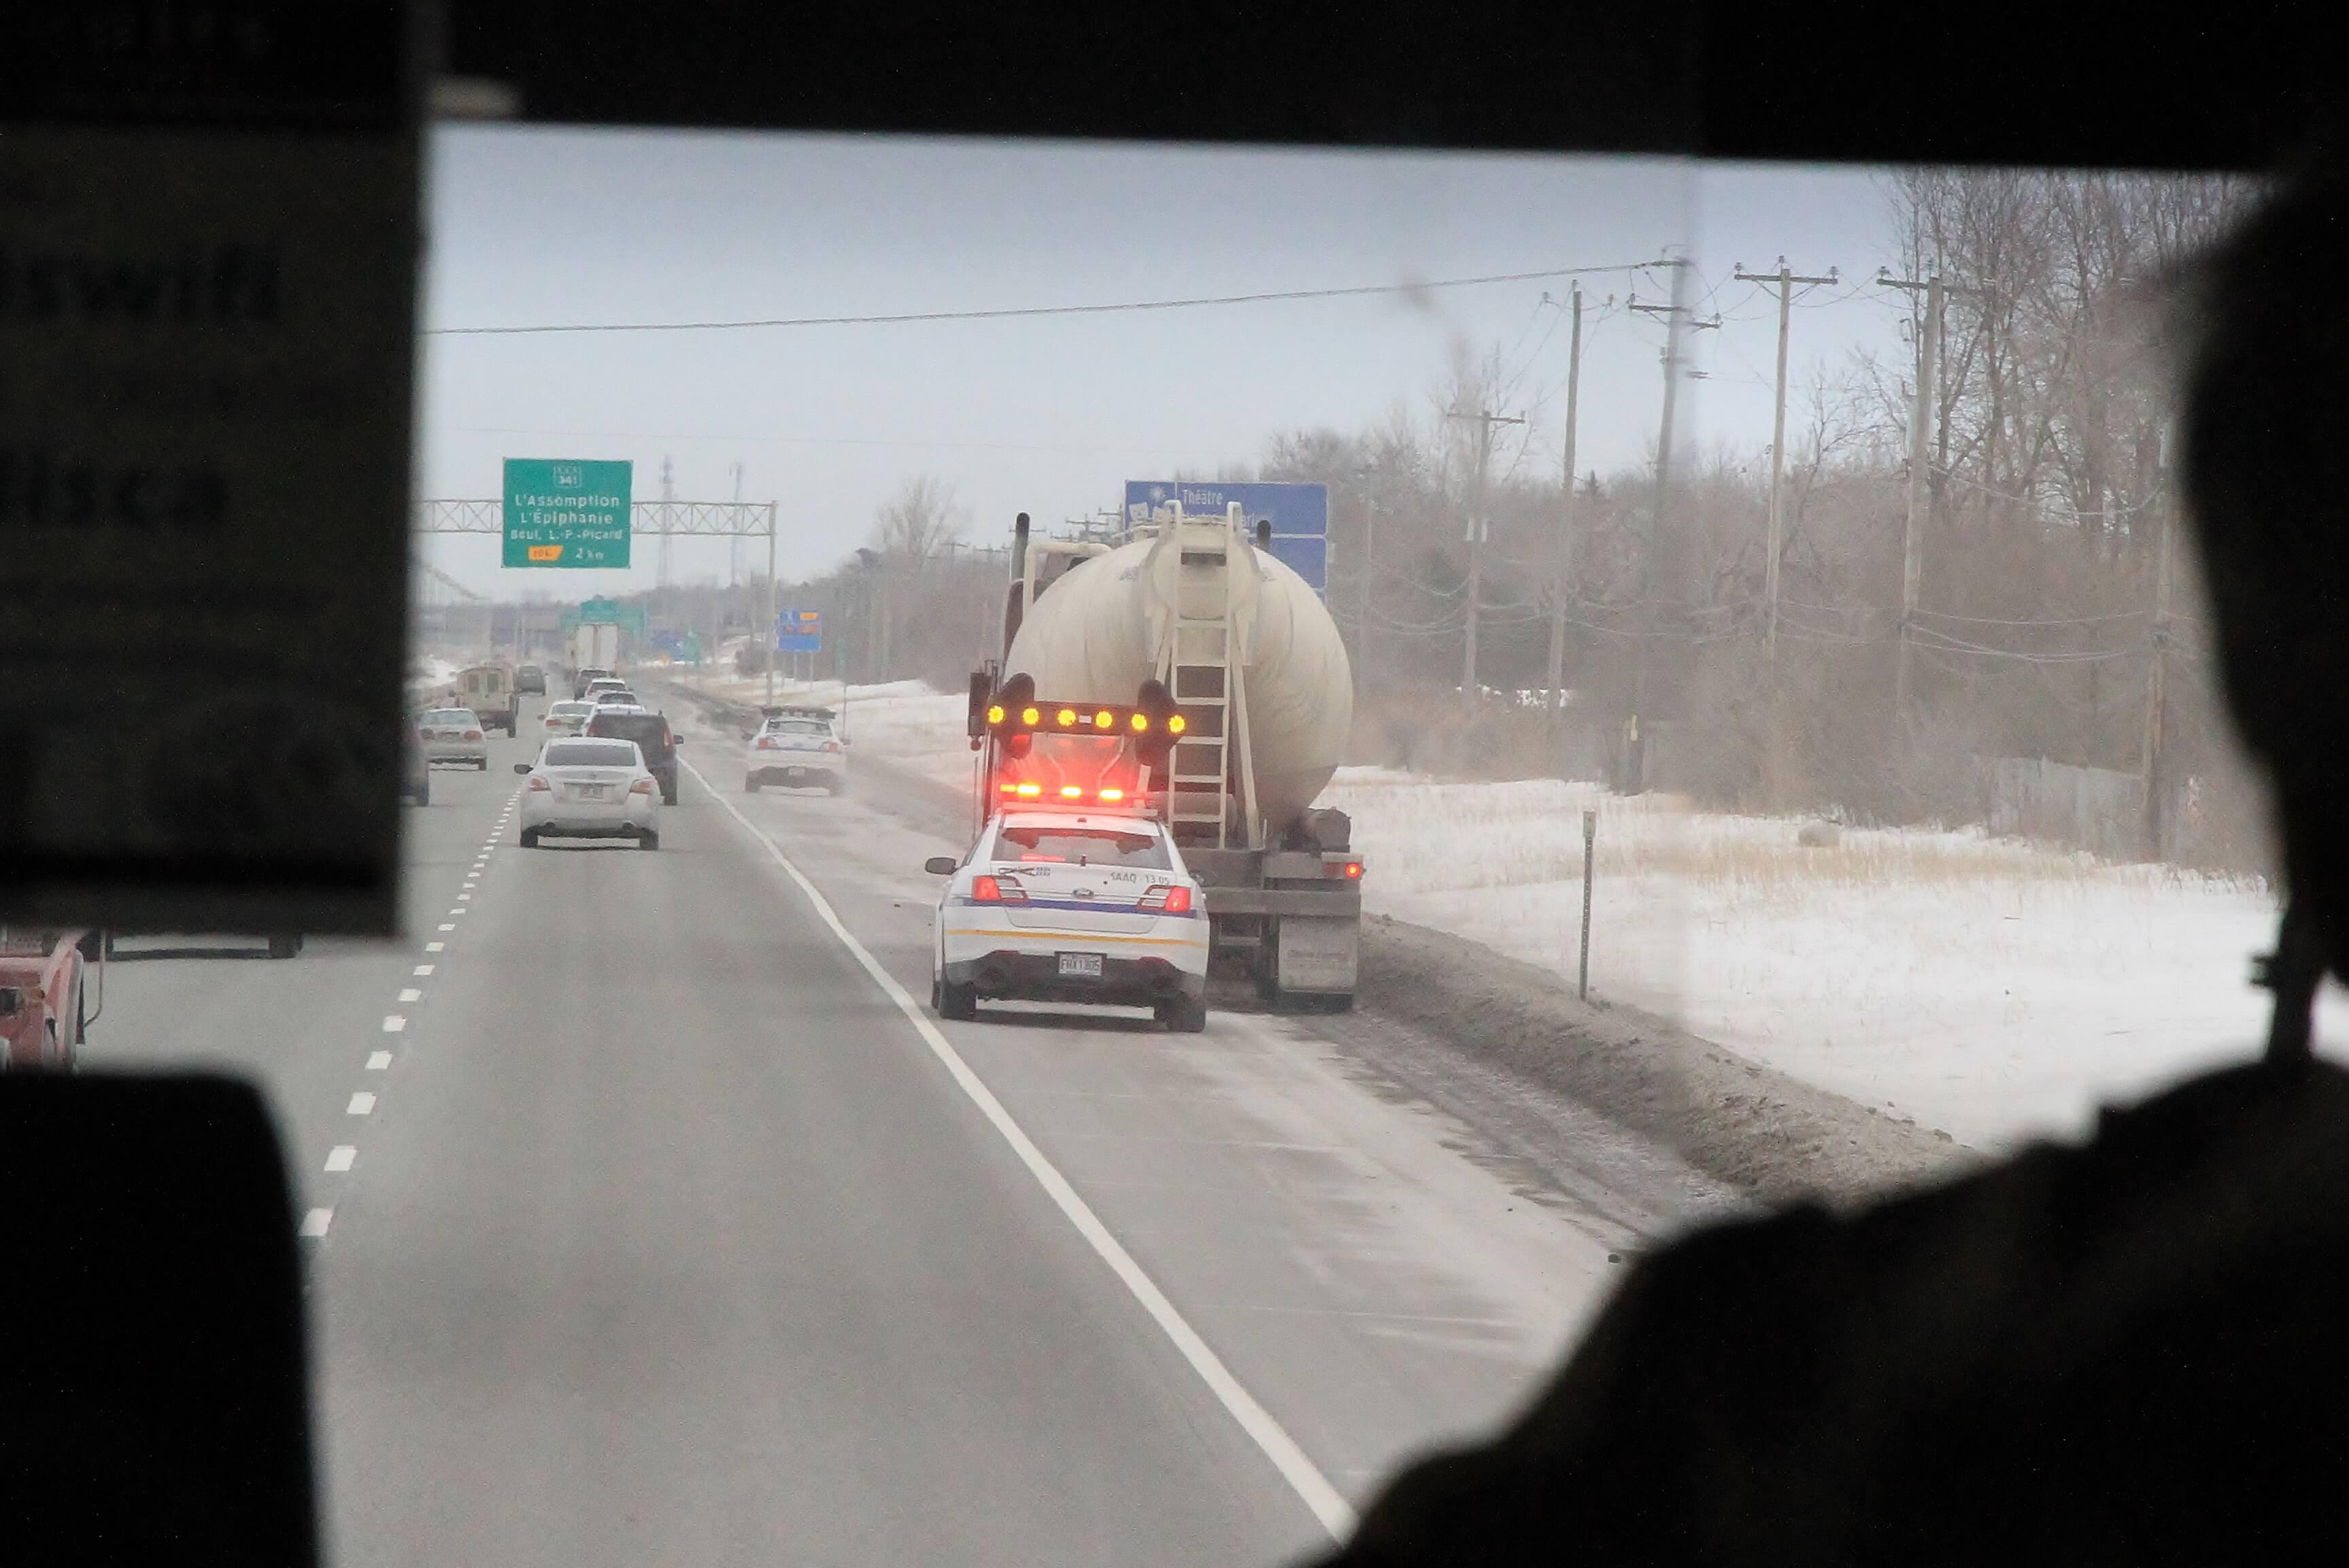 opération autobus controleurs routiers